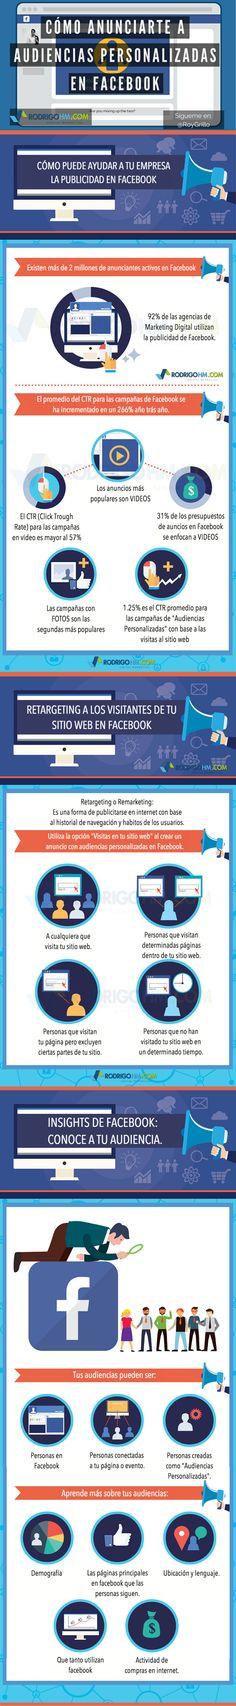 Anuncios para audiencias personalizadas en Facebook